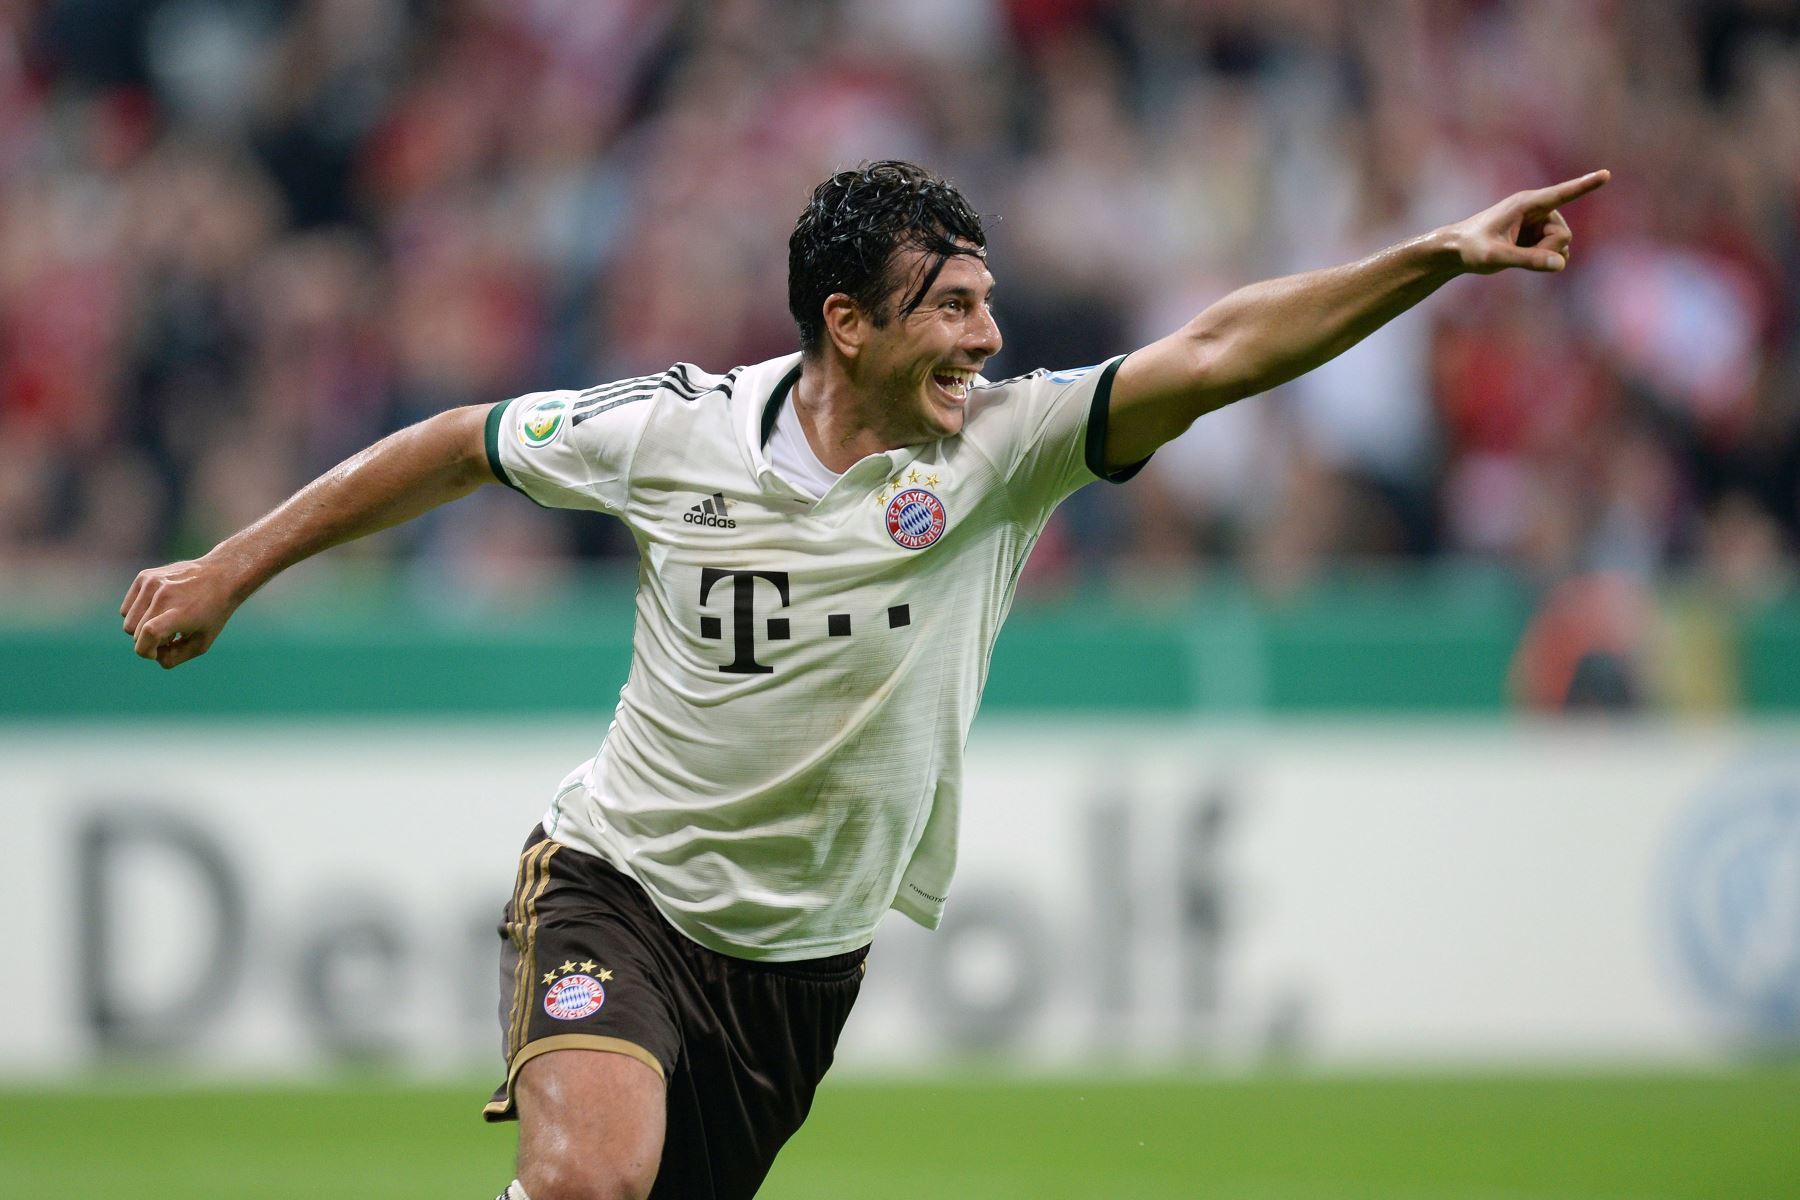 El delantero peruano del Bayern Munich, Claudio Pizarro, celebra tras anotar el segundo gol durante el partido de fútbol de la segunda ronda de la Copa de Alemania. FC Bayern Munich vs Hannover 96, el 25 de septiembre de 2013, en Munich. Foto: AFP